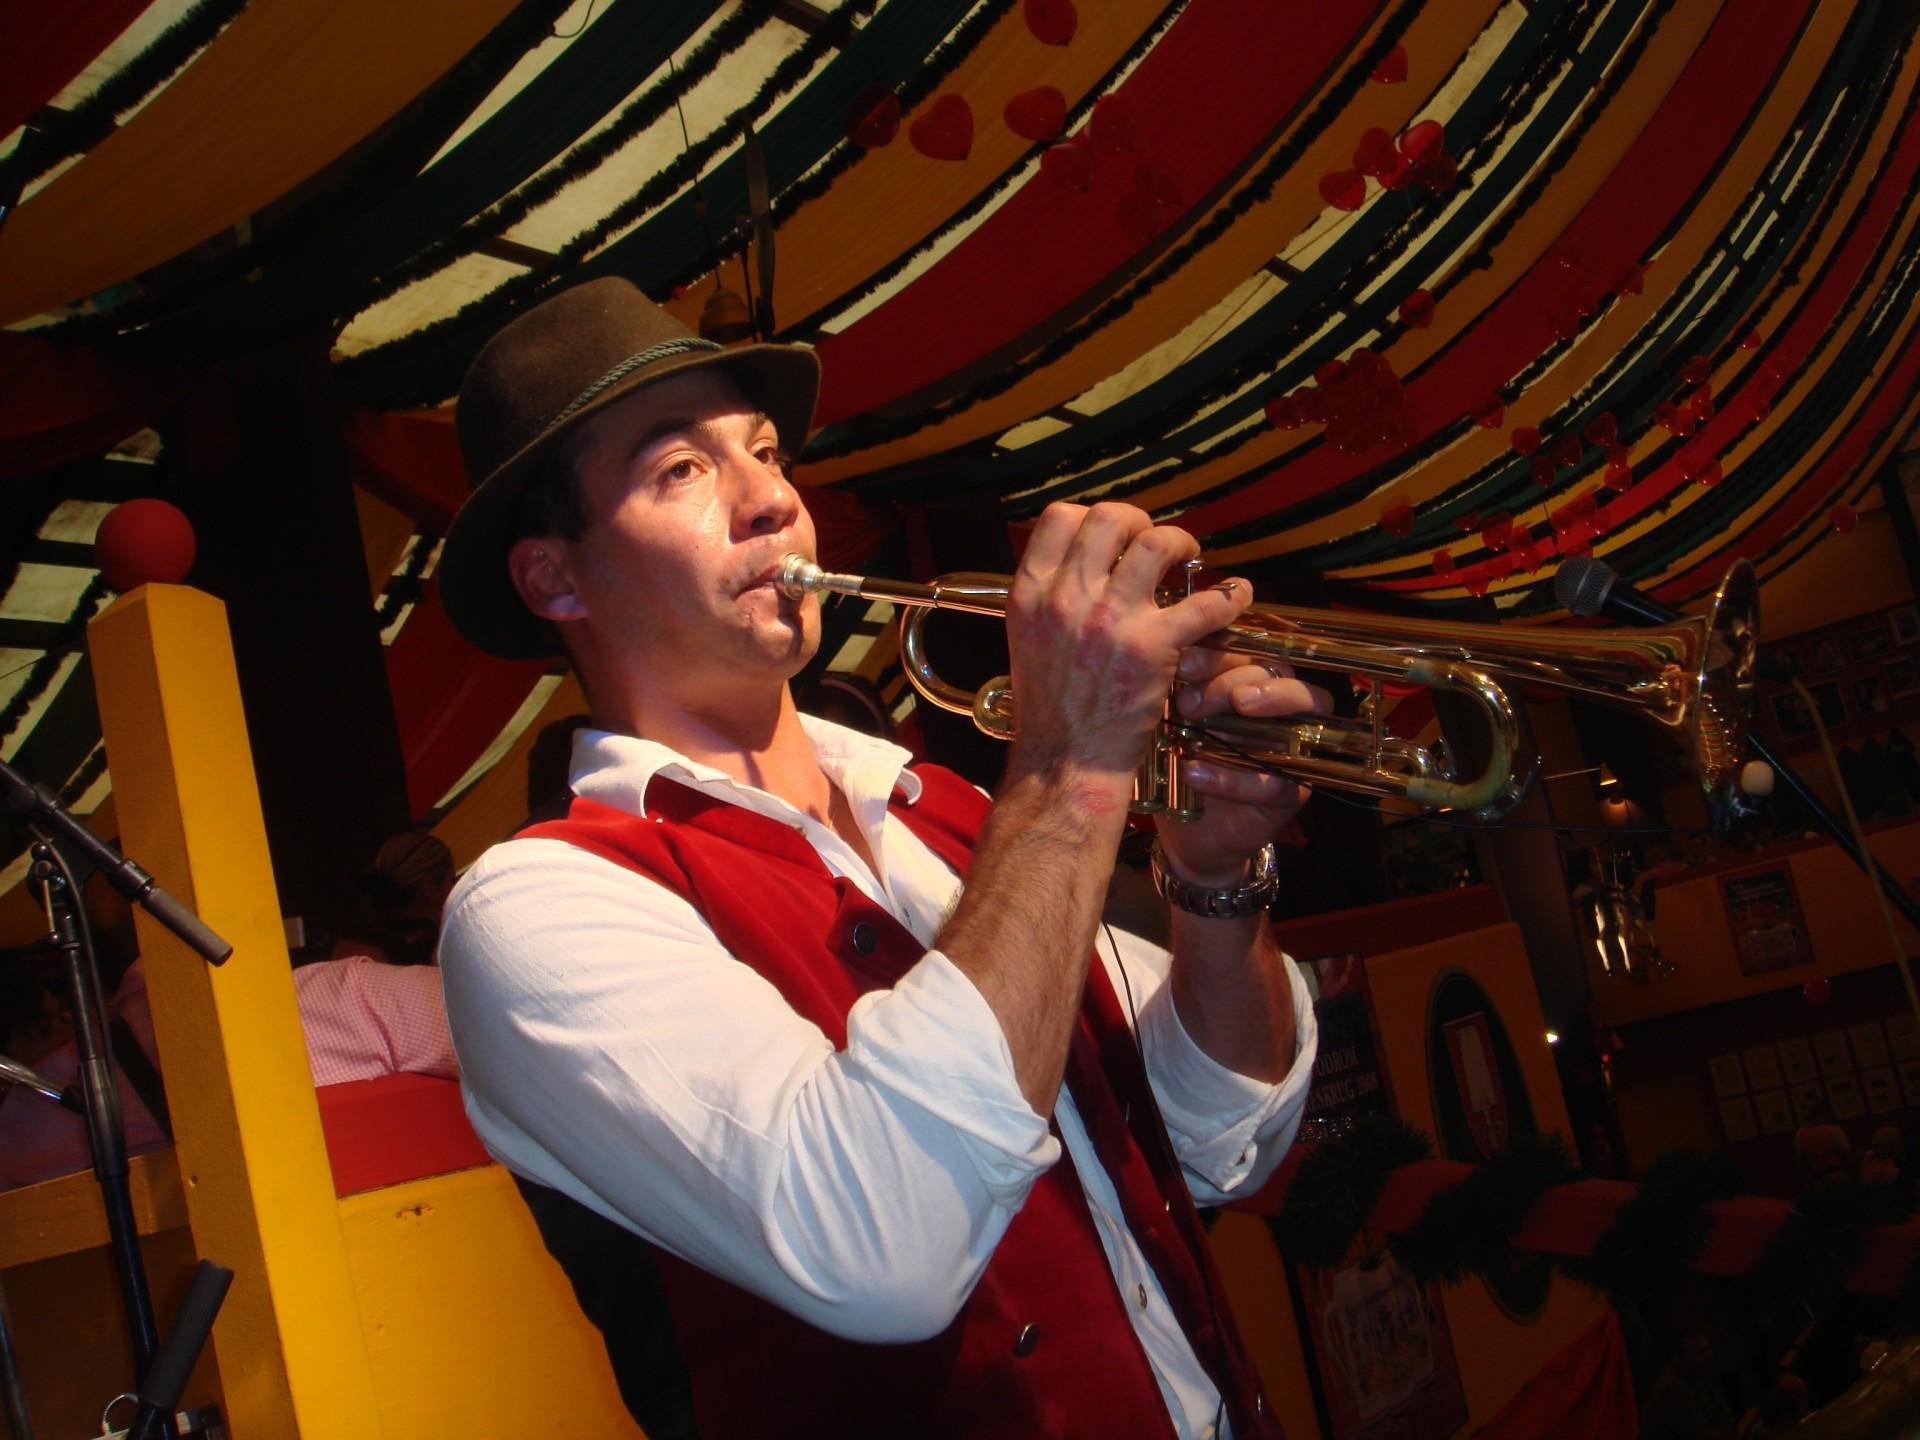 Simmisamma die Oktoberfestband – Konzert Hippodrom Oktoberfest München Deutschland 70